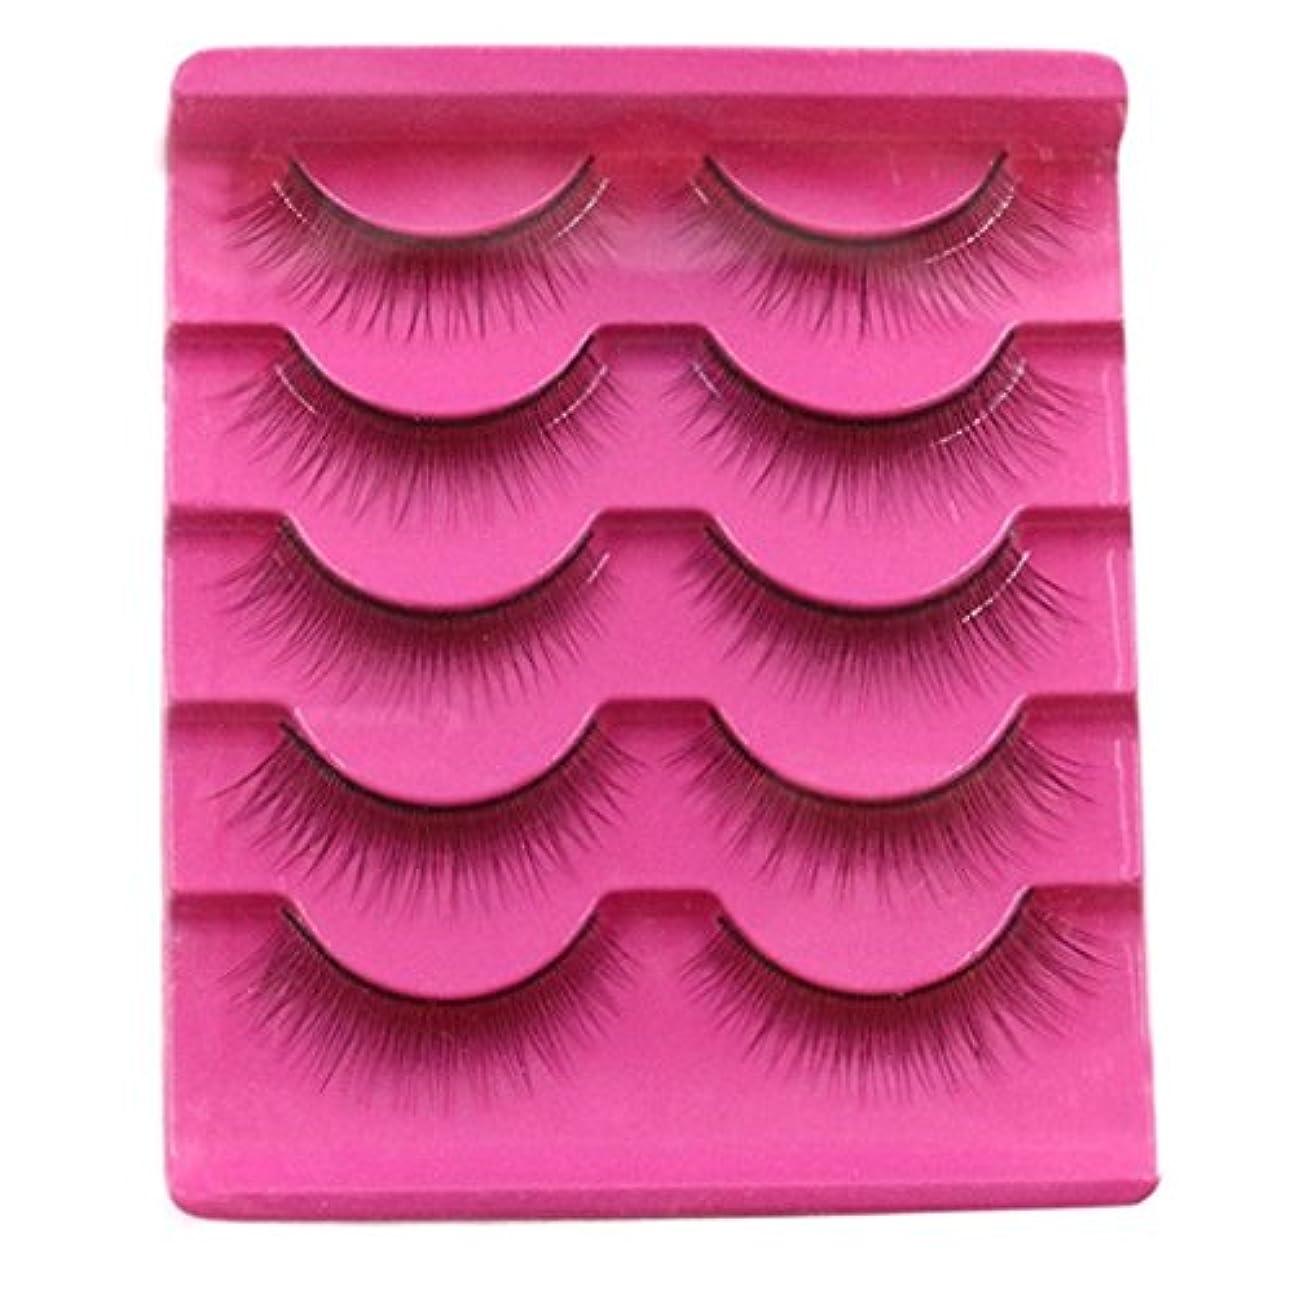 提案整然としたオーストラリアFeteso 5ペア つけまつげ 上まつげ Eyelashes アイラッシュ ビューティー まつげエクステ レディース 化粧ツール アイメイクアップ 人気 ナチュラル ふんわり 装着簡単 綺麗 極薄